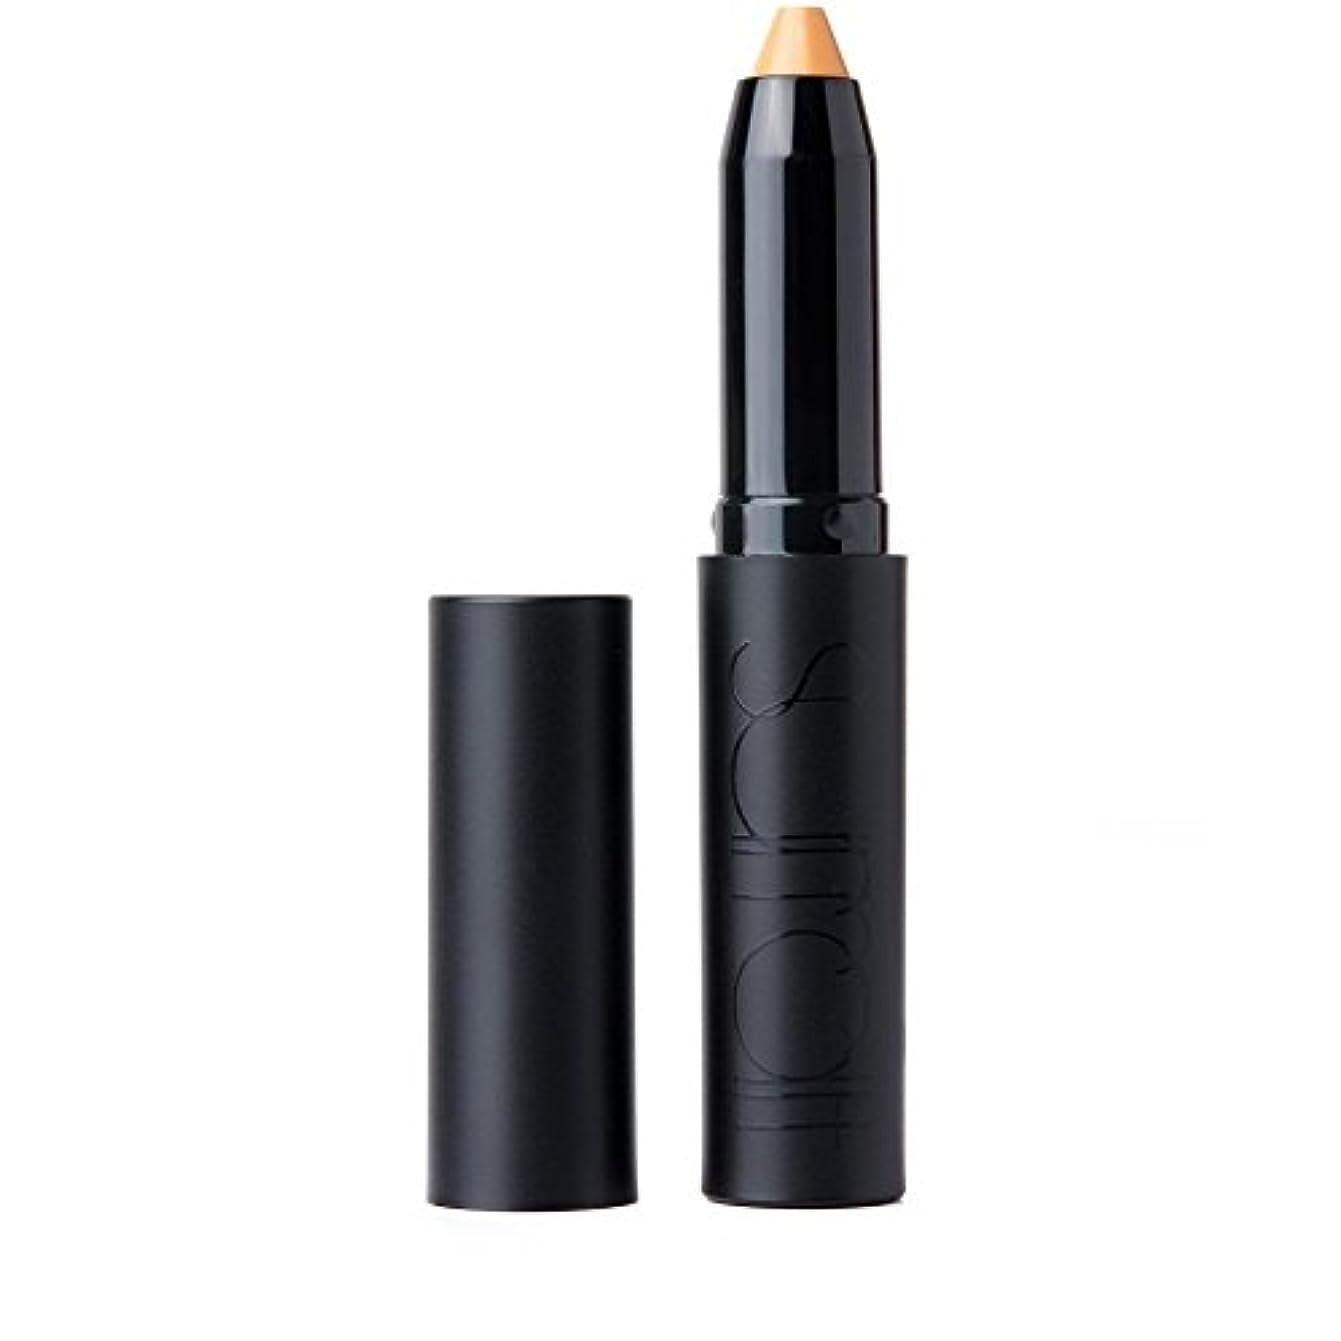 悲観的バッフル受け入れるSurratt Lip Crayon 15 Stark Naked - 裸15スタークリップクレヨン [並行輸入品]